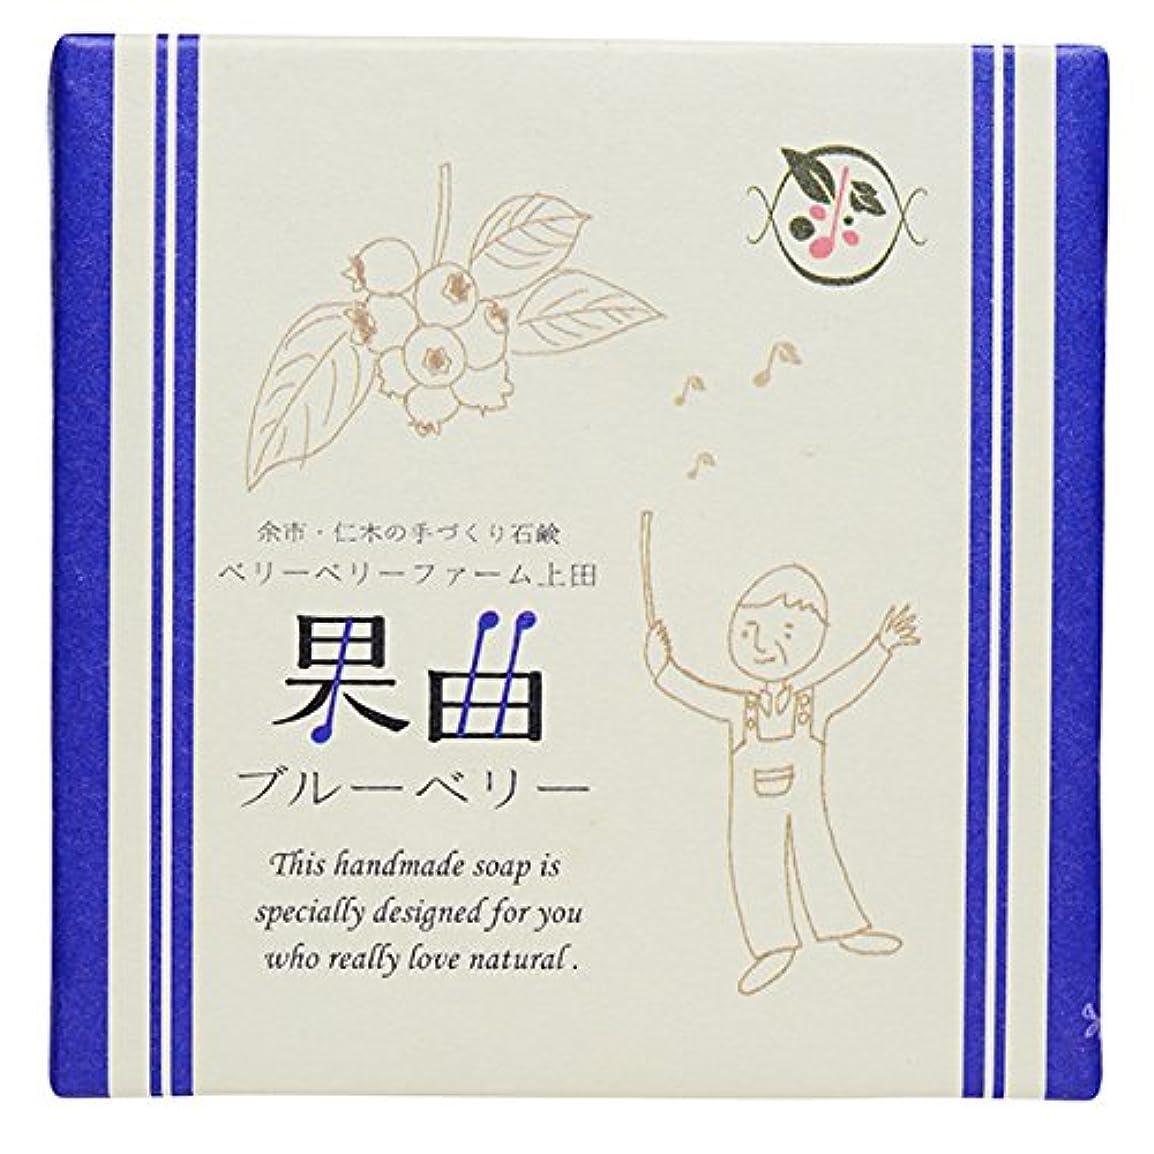 リゾート忍耐確かめる余市町仁木のベリーベリーファーム上田との共同開発 果曲(ブルーベリー)純練り石鹸